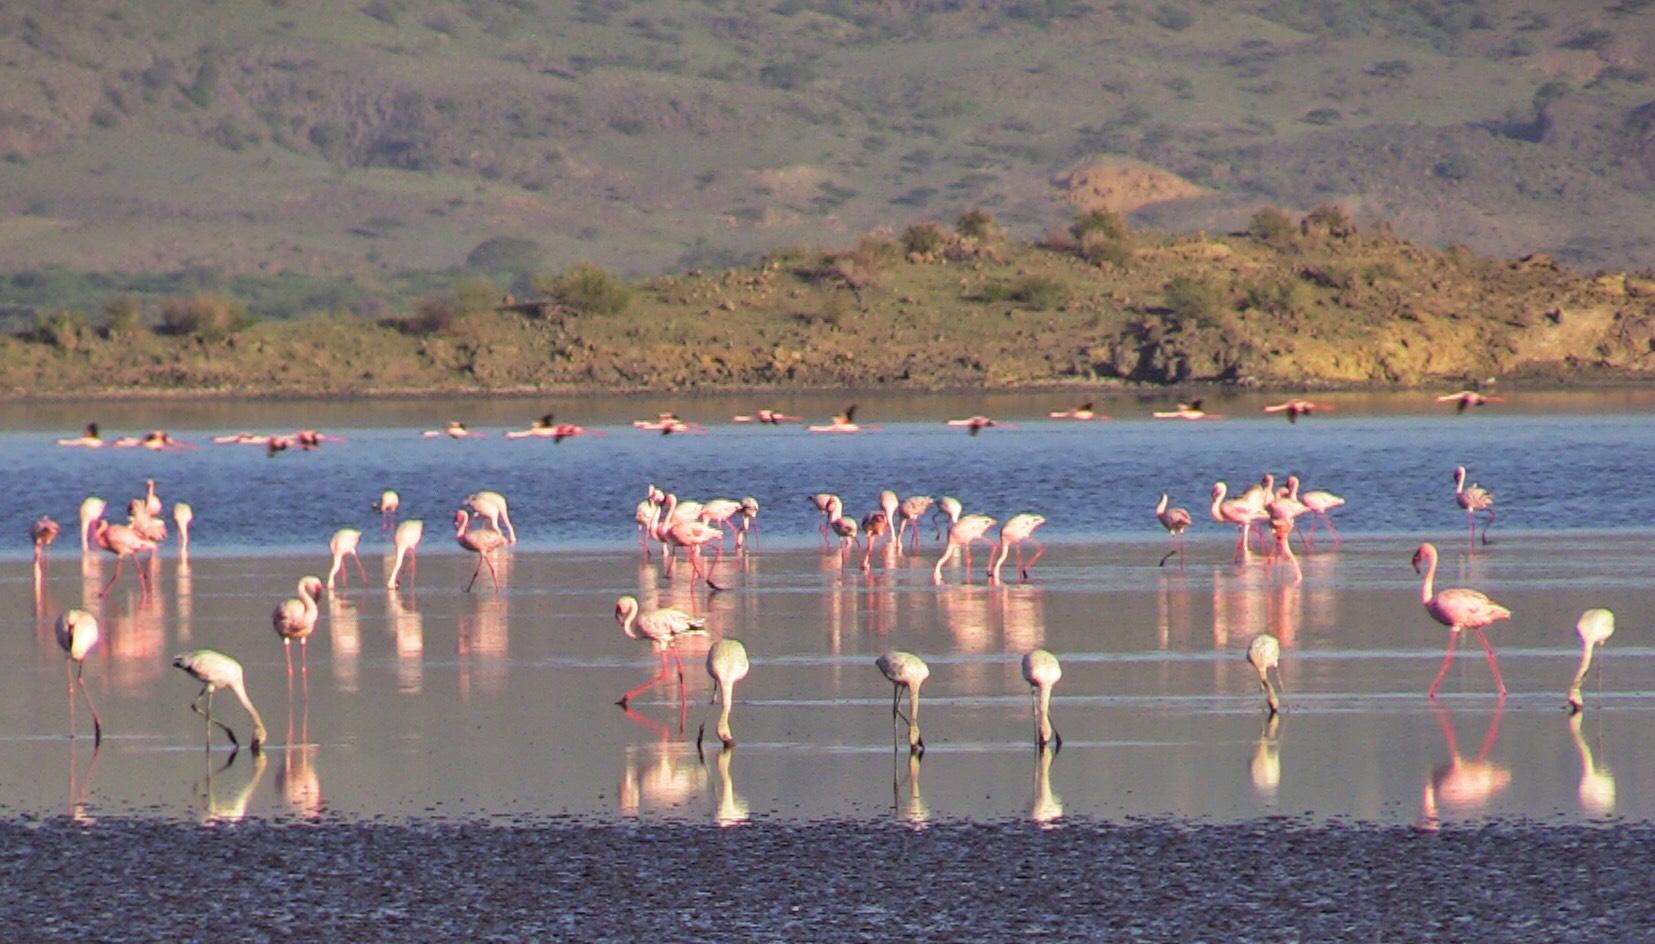 Flamingos on Lk Natron 2018